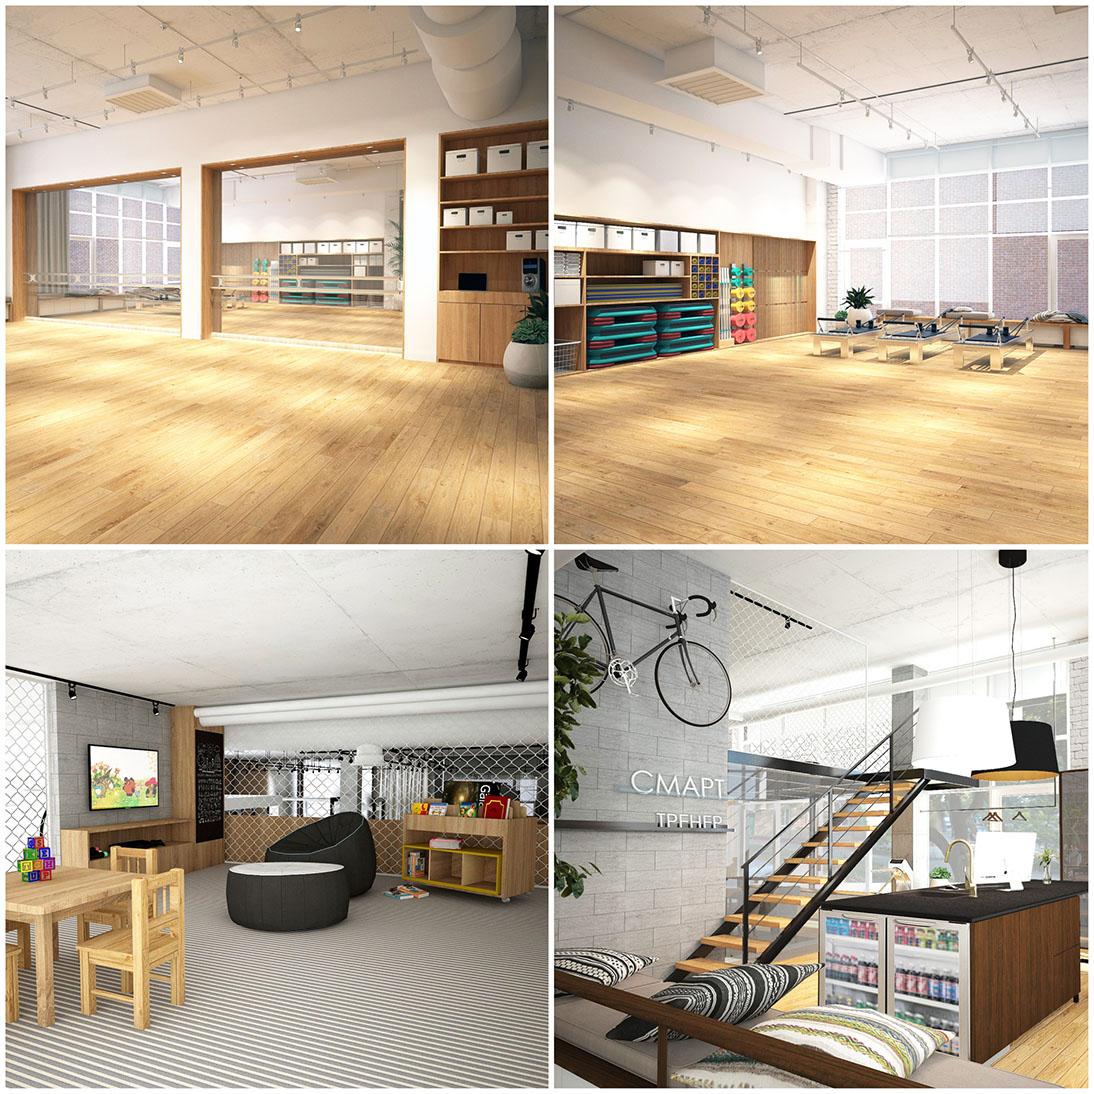 Smart Trainer Studio